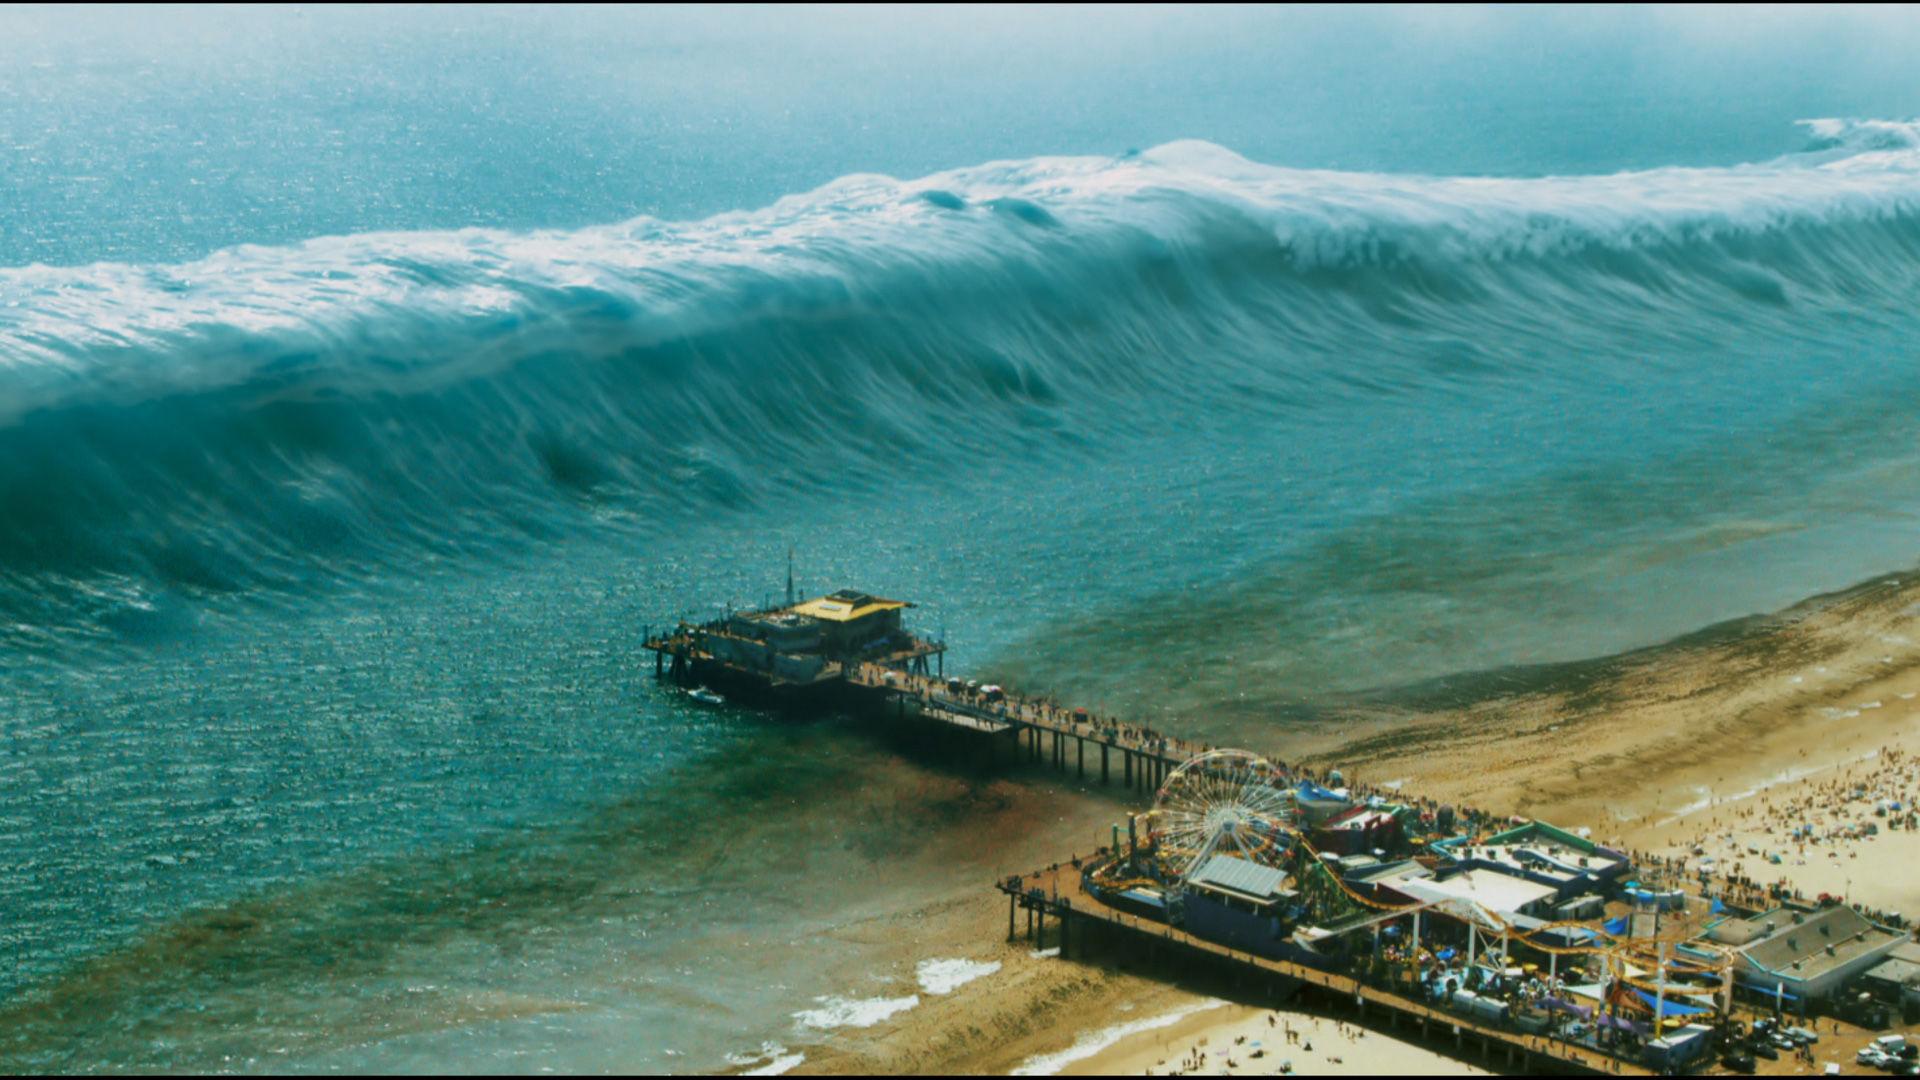 германии фото отлива воды в океане перед цунами рыбу